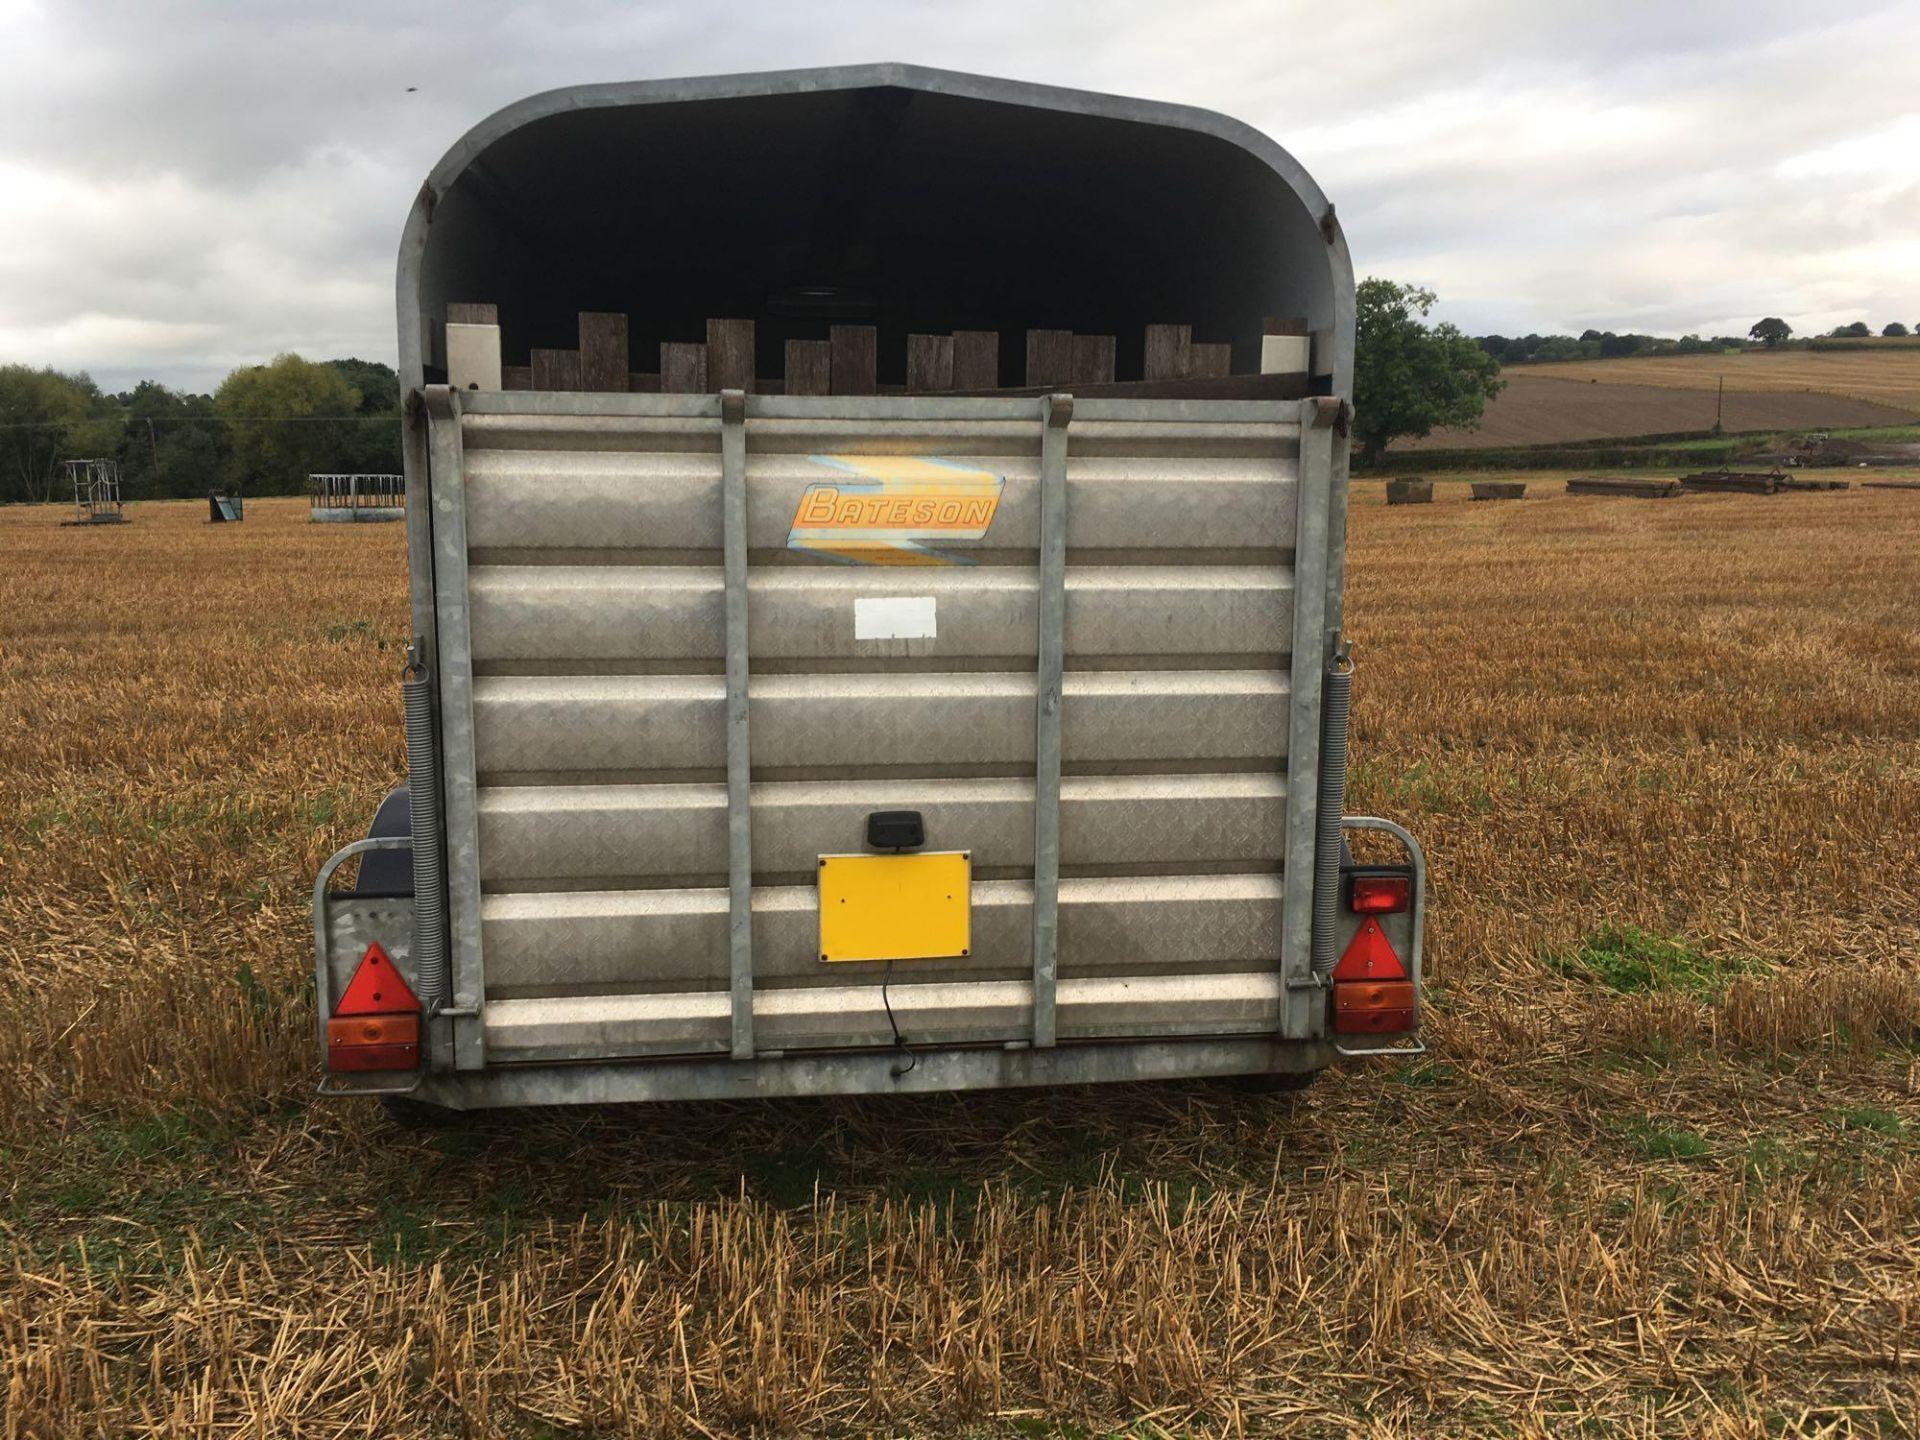 1996 Bateson Trailers 45LT twin axle livestock box, sprung rear door, side door, home made calf part - Image 7 of 14